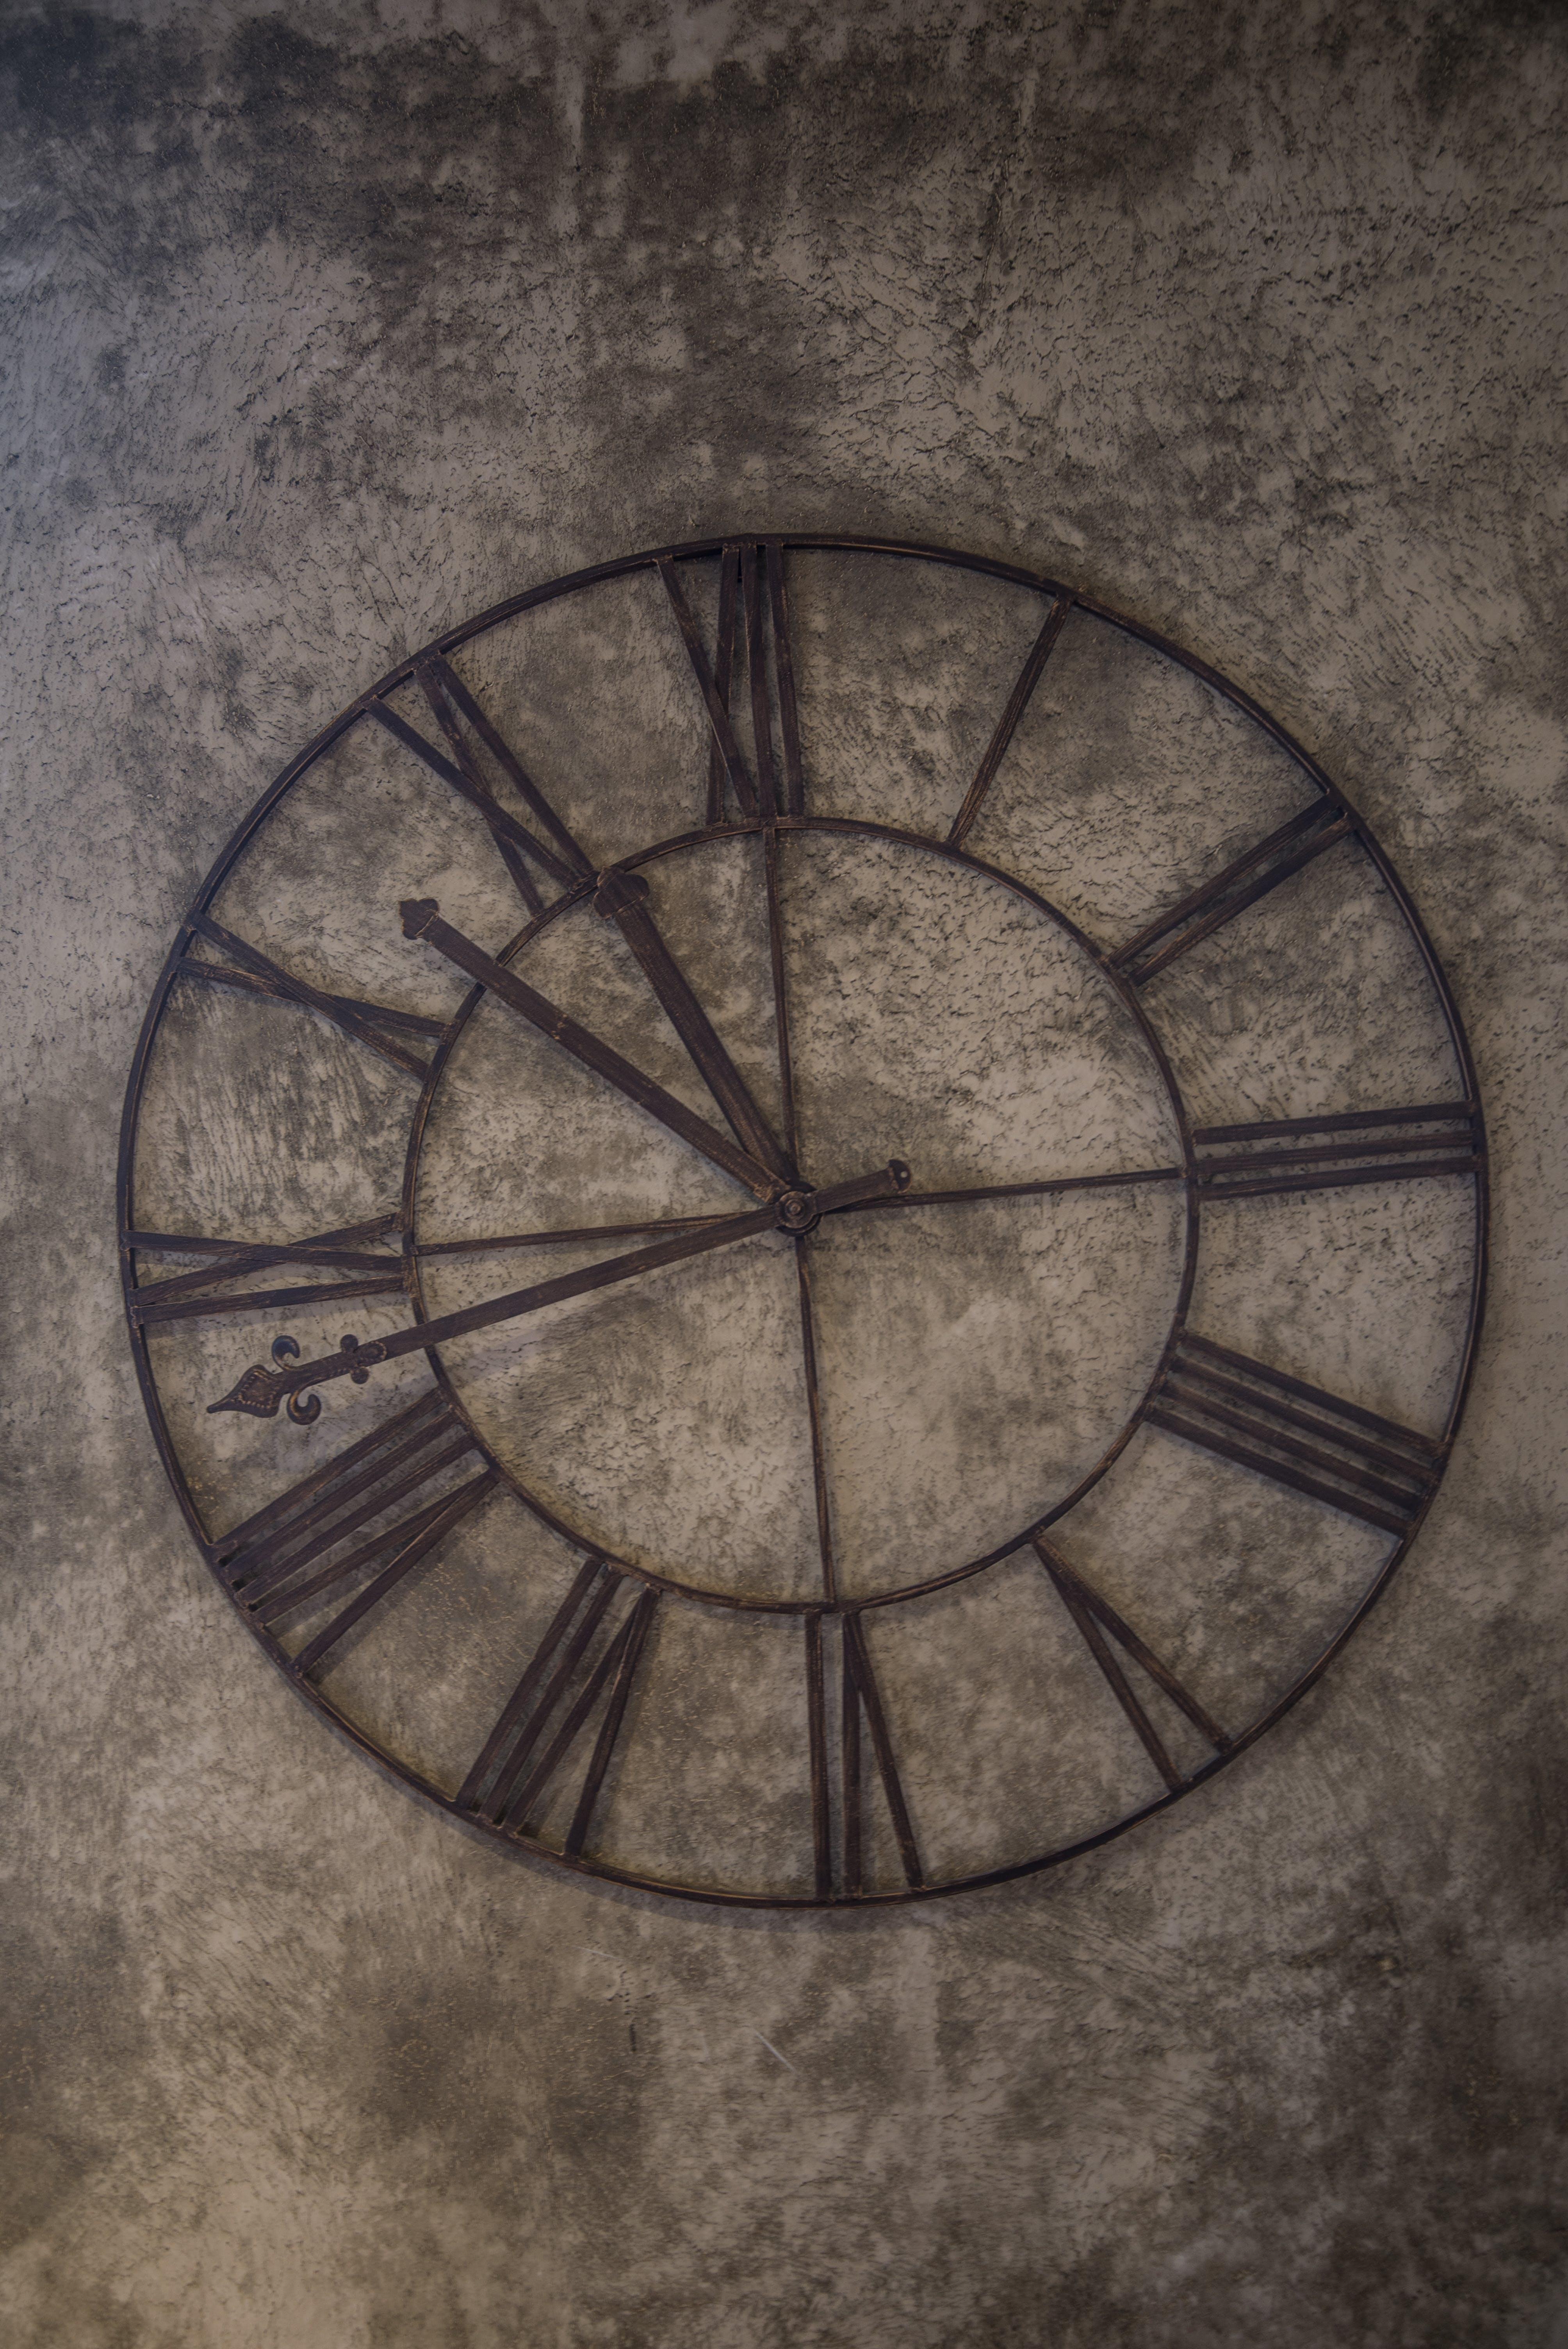 Brown Analog Wall Clock at 11:48